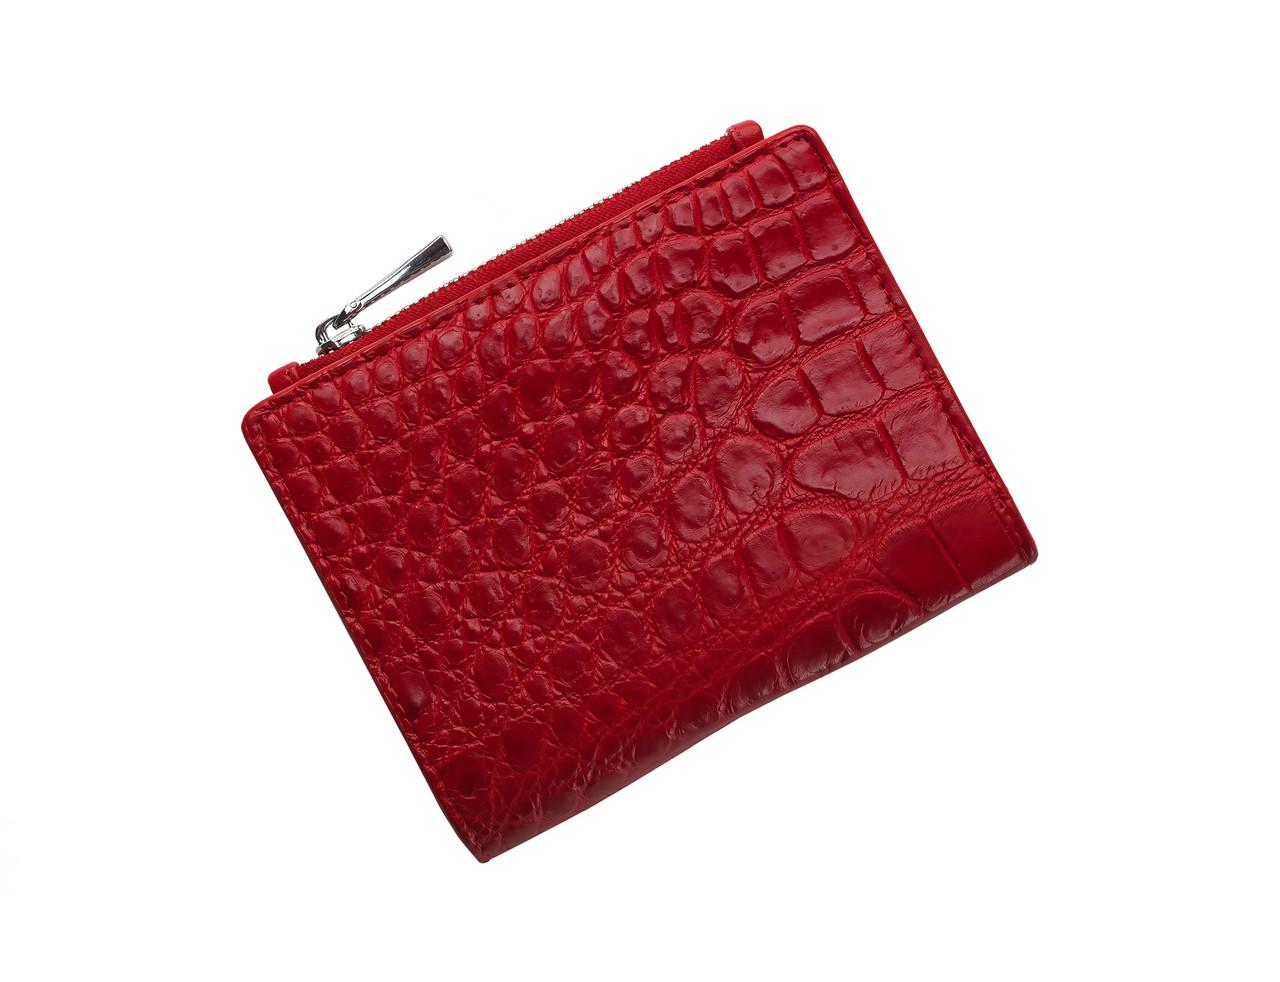 225852fd0e89 Кошелек из кожи крокодила Ekzotic Leather Красный (cw 96) - Интернет -  магазин изделий